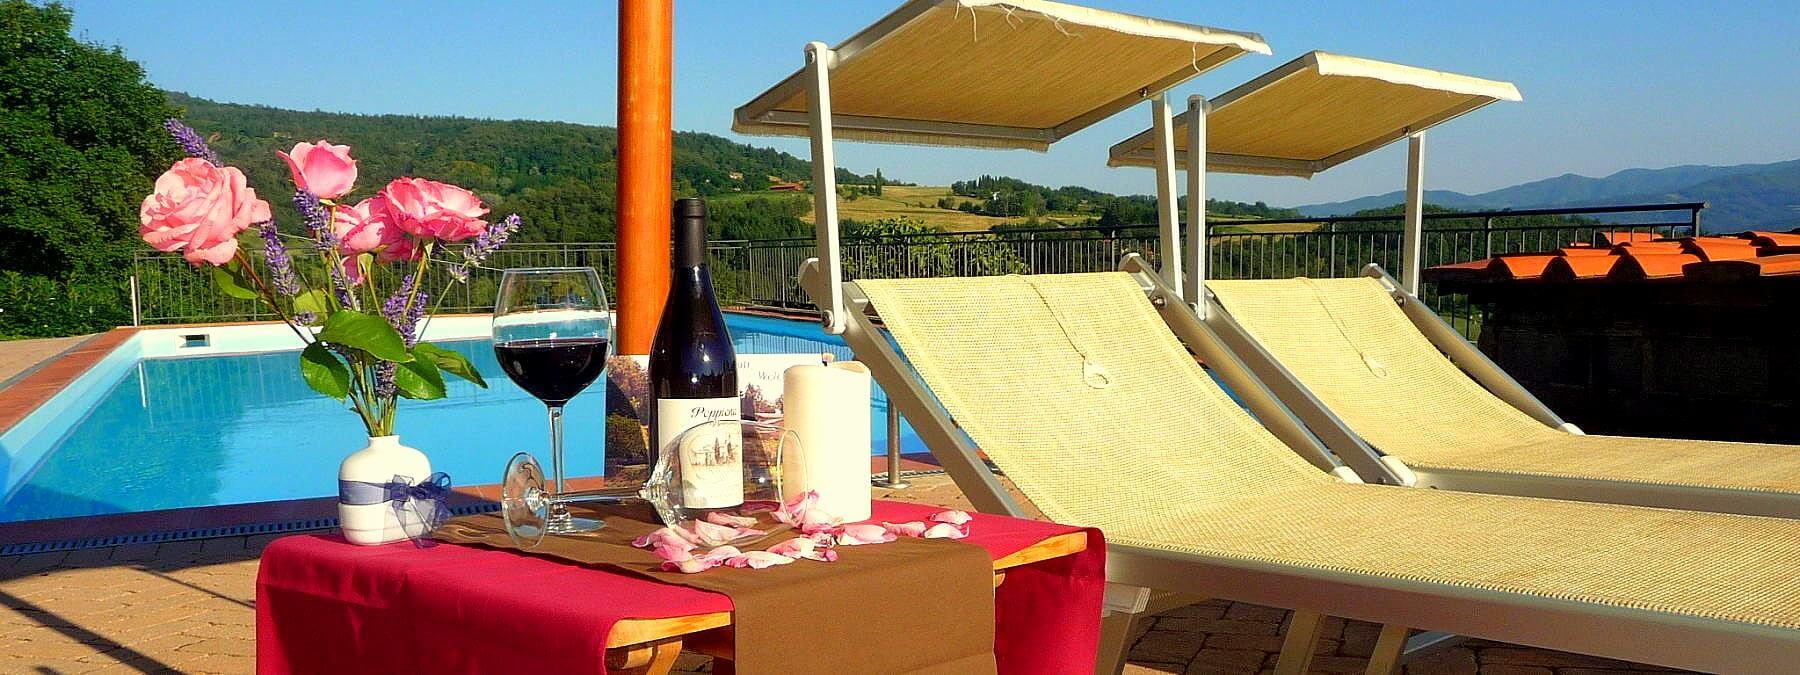 vakantiehuis met zwembad 01 (2)